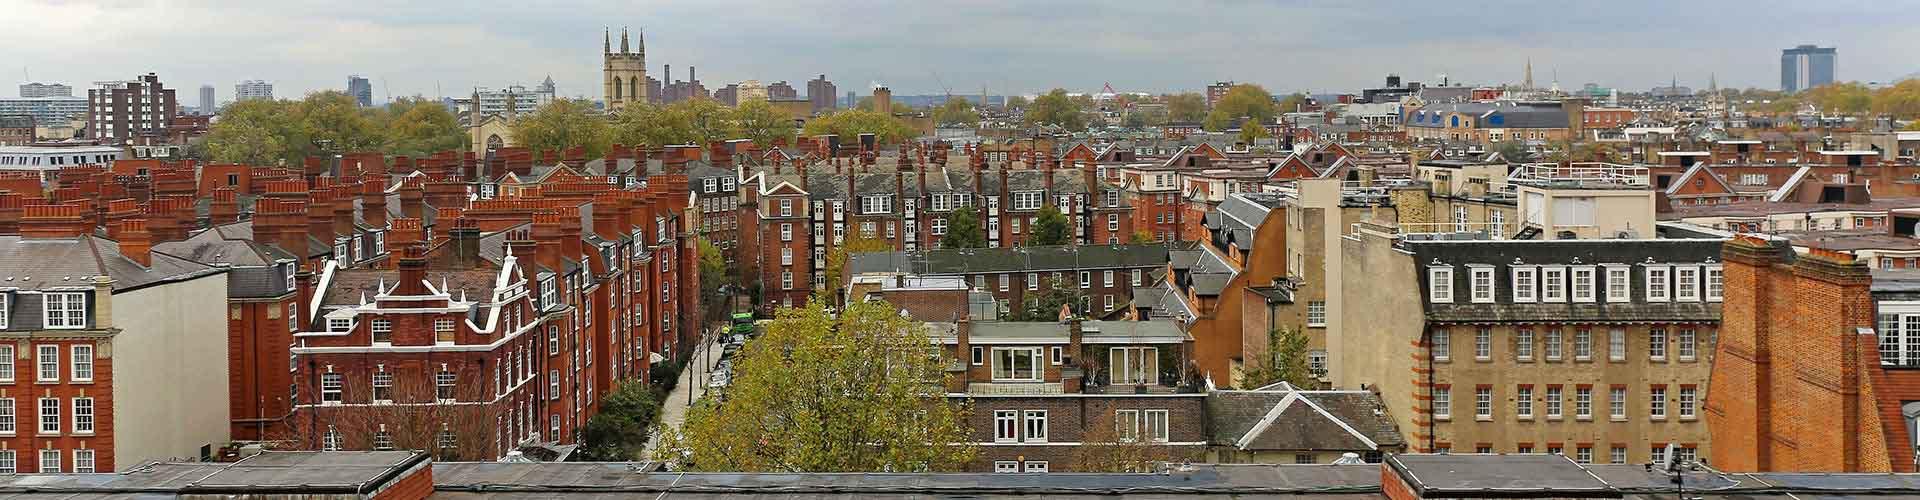 런던 - South Kensington 지구의 호스텔. 런던의 지도, 런던에 위치한 호스텔 사진 및 후기 정보.